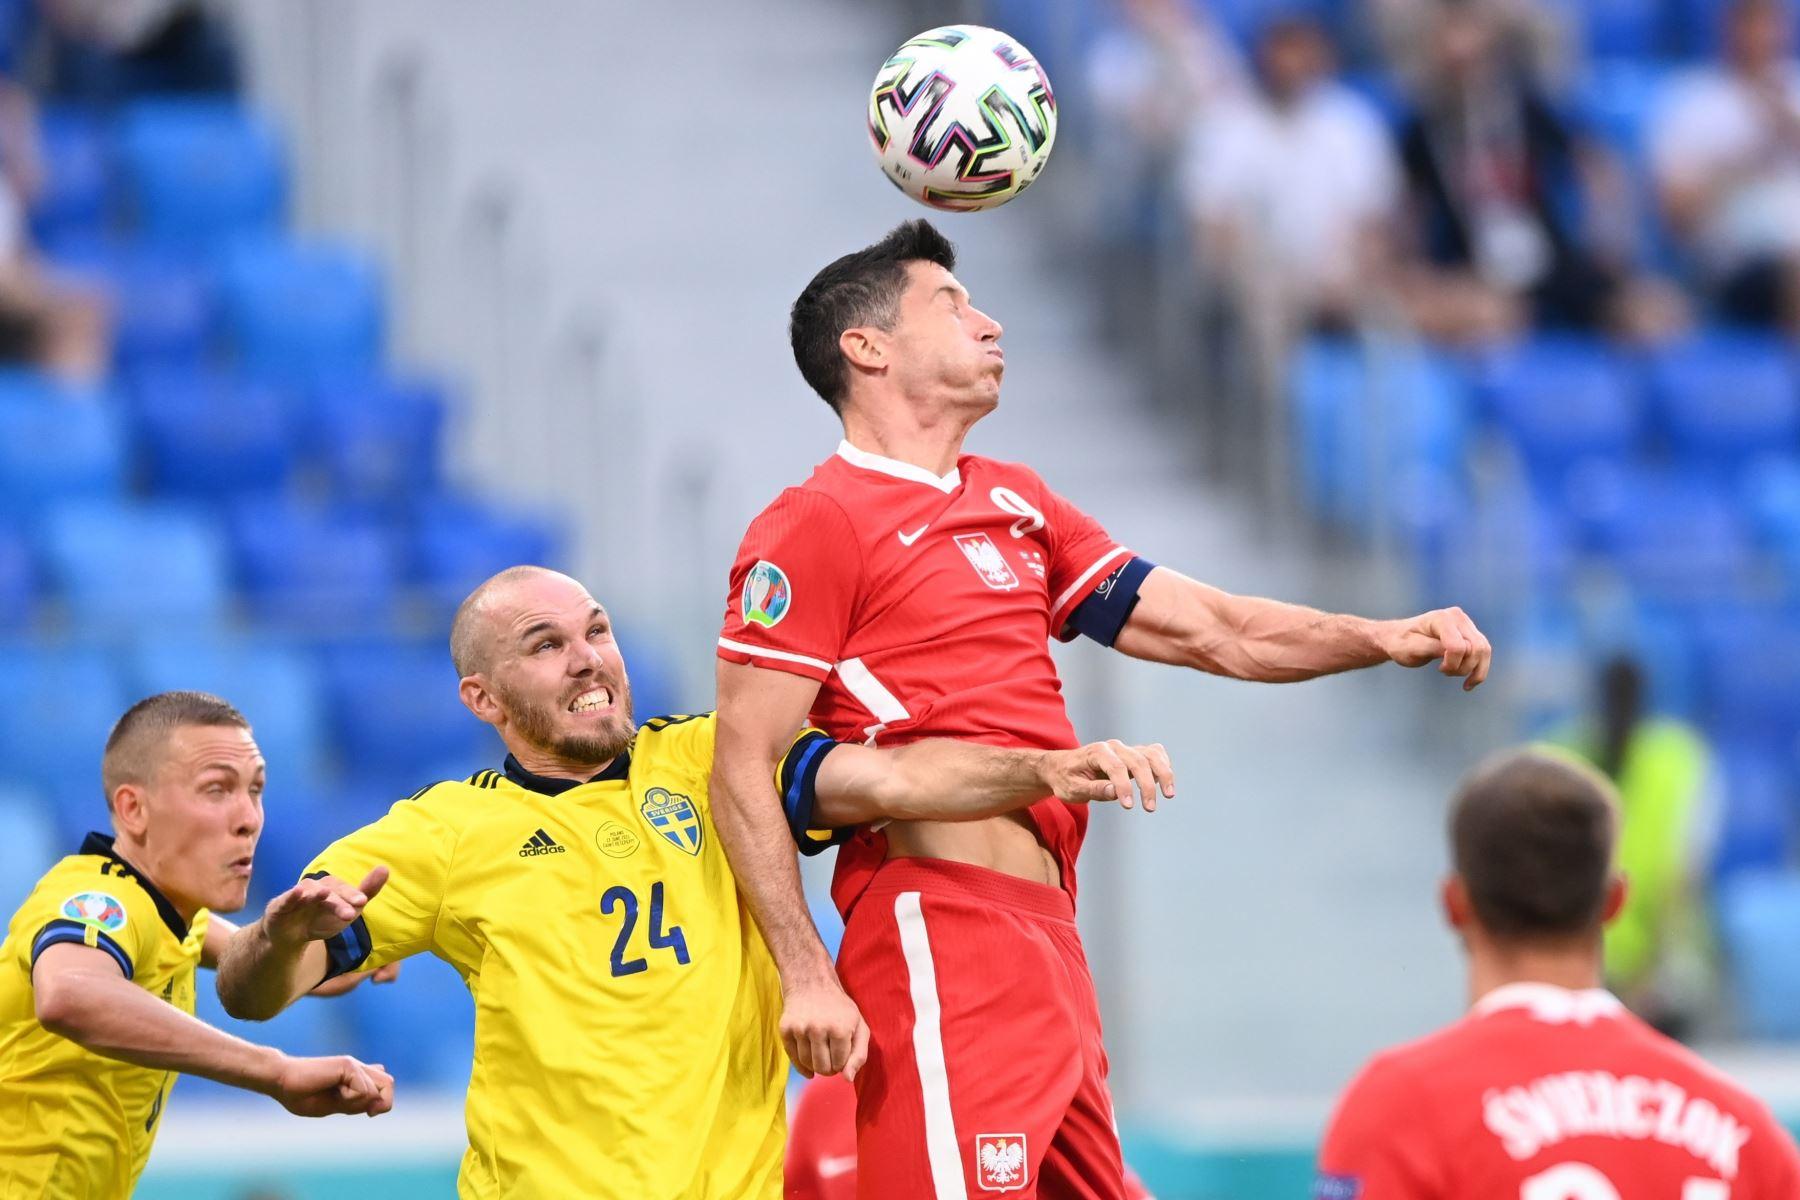 El polaco Robert Lewandowski va a por un cabezazo durante el partido de fútbol de la ronda preliminar del grupo E de la UEFA EURO 2020. Foto: EFE